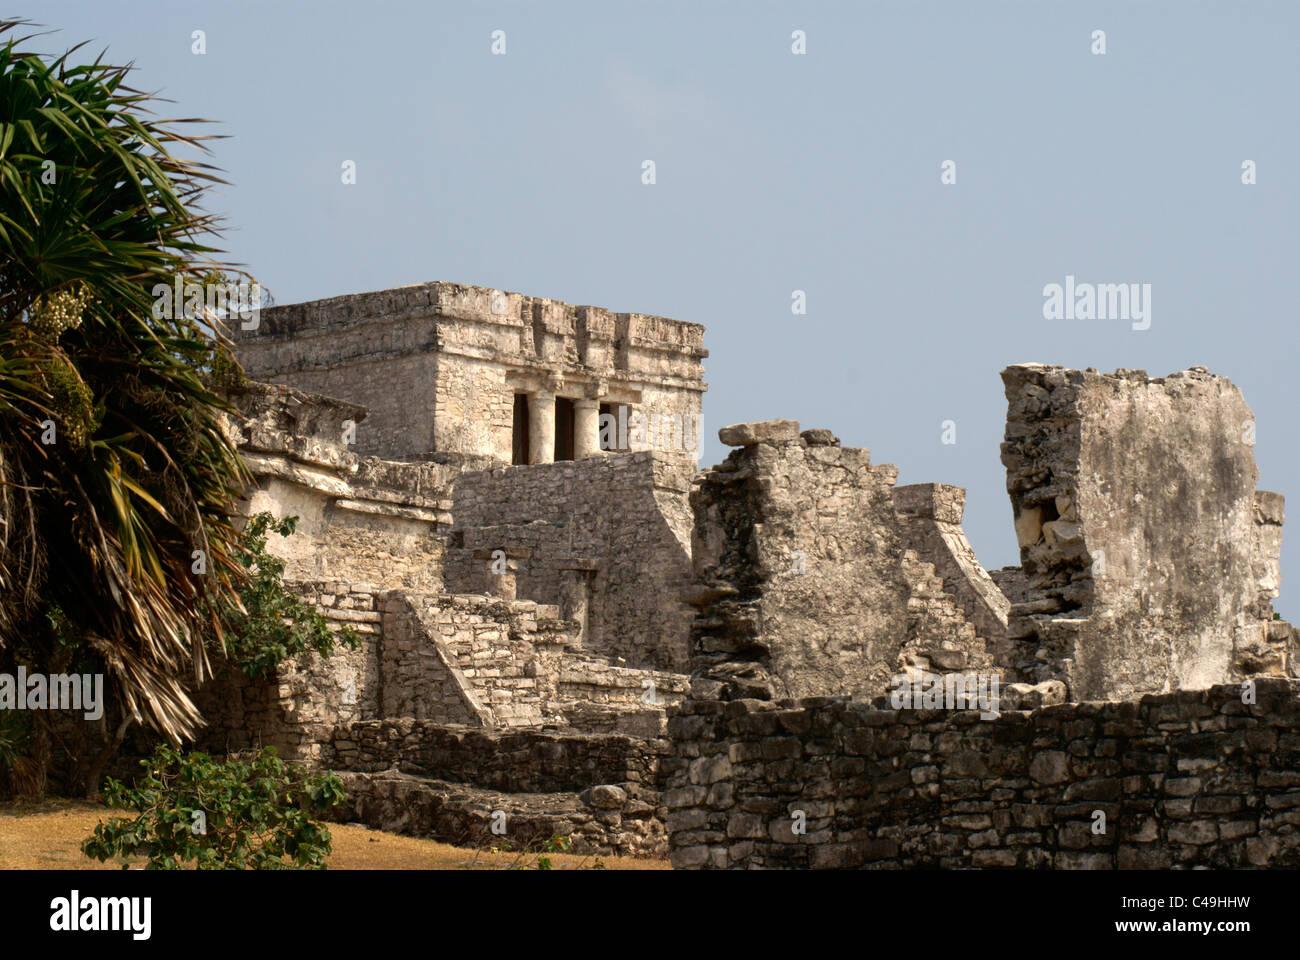 El Castillo at the Mayan ruins of Tulum on the Riviera Maya, Quintana Roo, Mexico - Stock Image